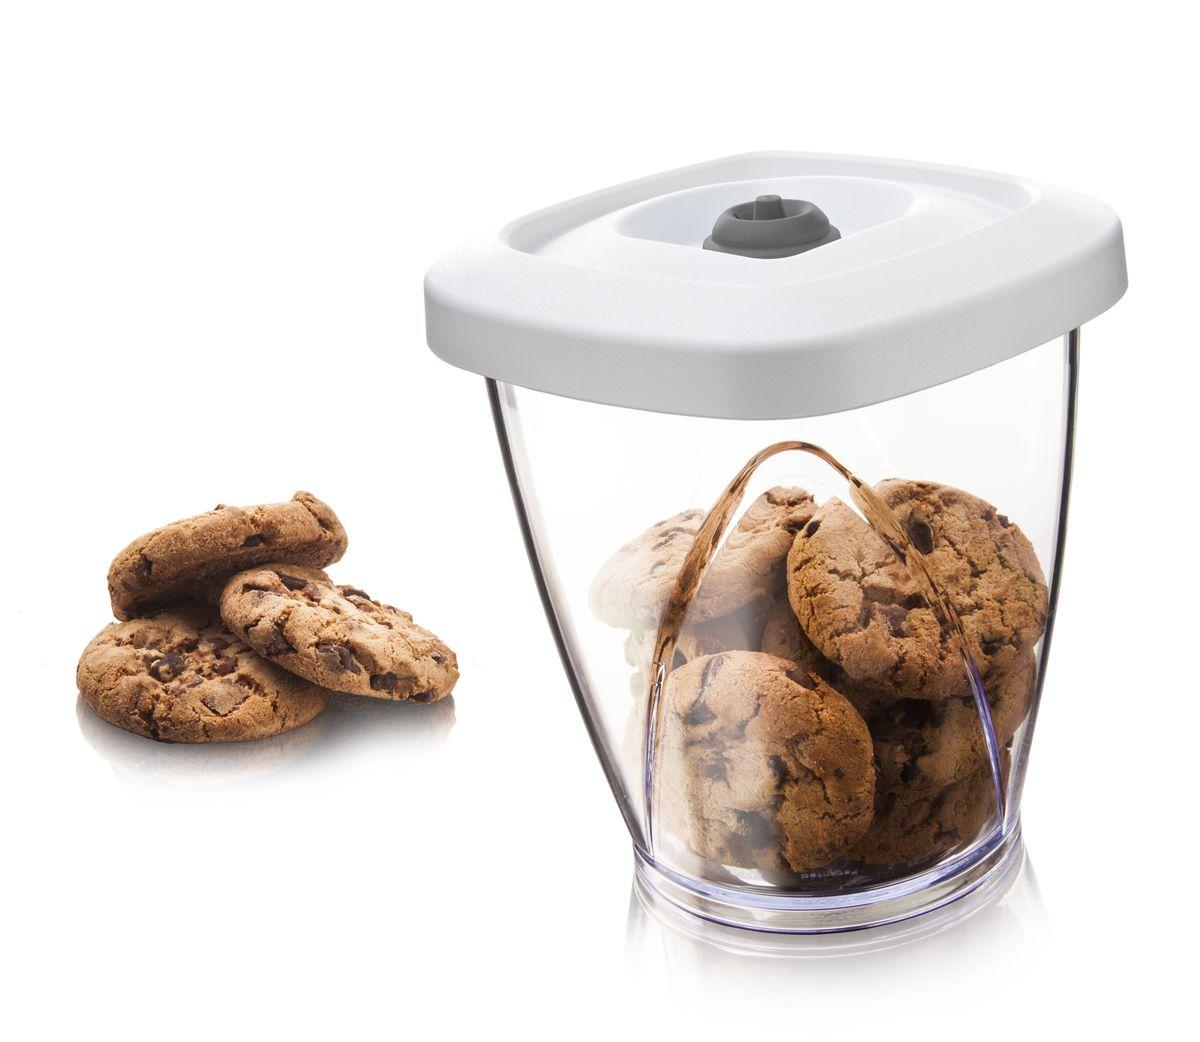 Вакуумный контейнер VacuVin Vacuum Container Medium, цвет: белый, 1,3 л28733606От контакта с воздухом молотый кофе быстро теряет свой вкус и аромат. Вакуумный насос отсасывает воздух из емкости для хранения продуктов, создавая вакуум, чтобы аромат и вкус кофе сохранялись как можно дольше. •Можно мыть в посудомоечной машине •Используется вместе с вакуумным насосом •Подходит для сухих продуктов, таких как печенье, чипсы, орехи, кукурузные хлопья, кофе и чай •Вмещает до 500 грамм кофе